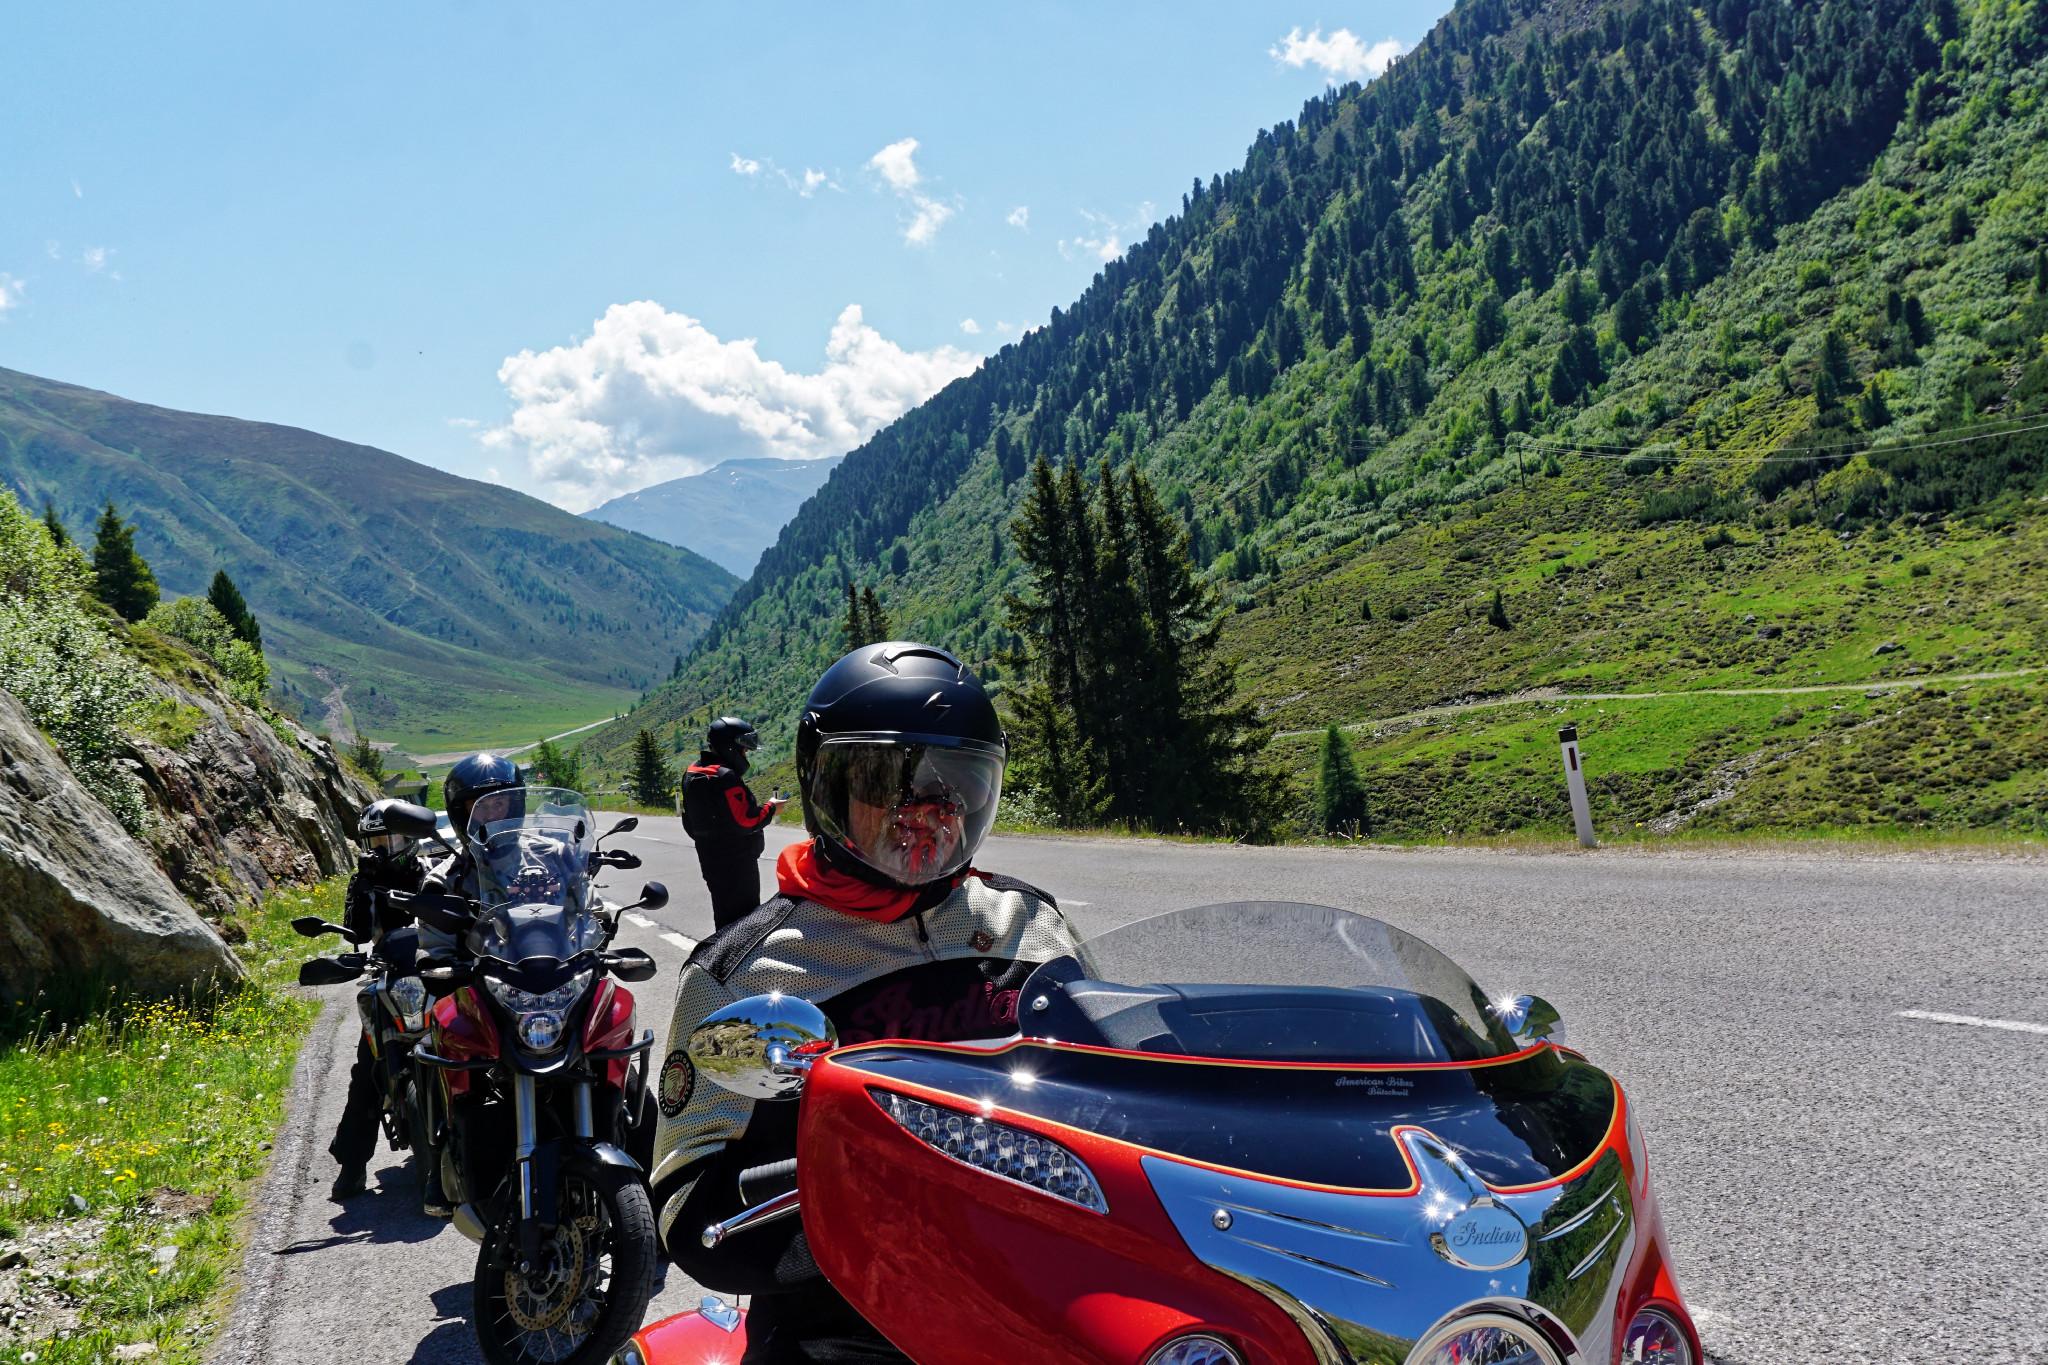 Motorrad fahren in den Alpen